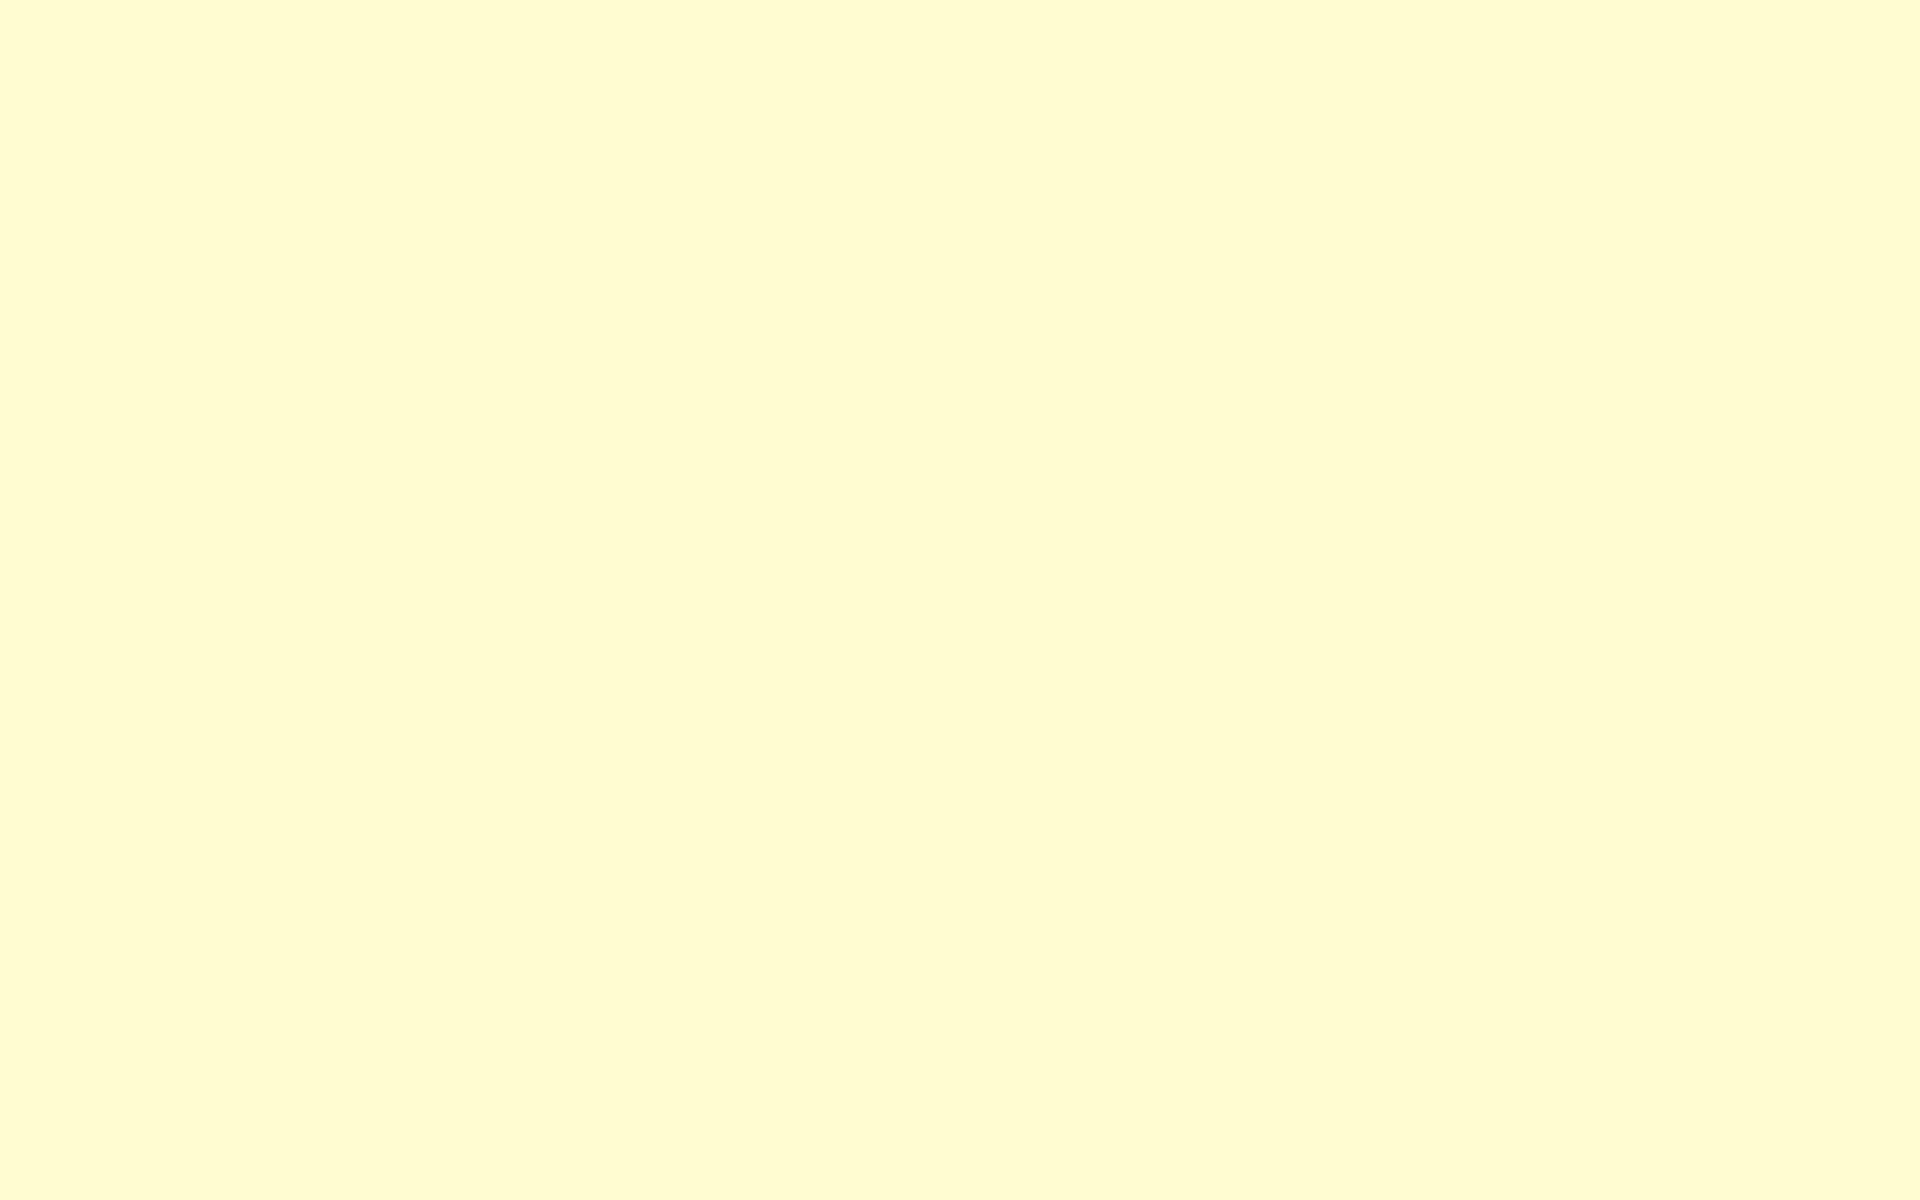 cream colored wallpaper